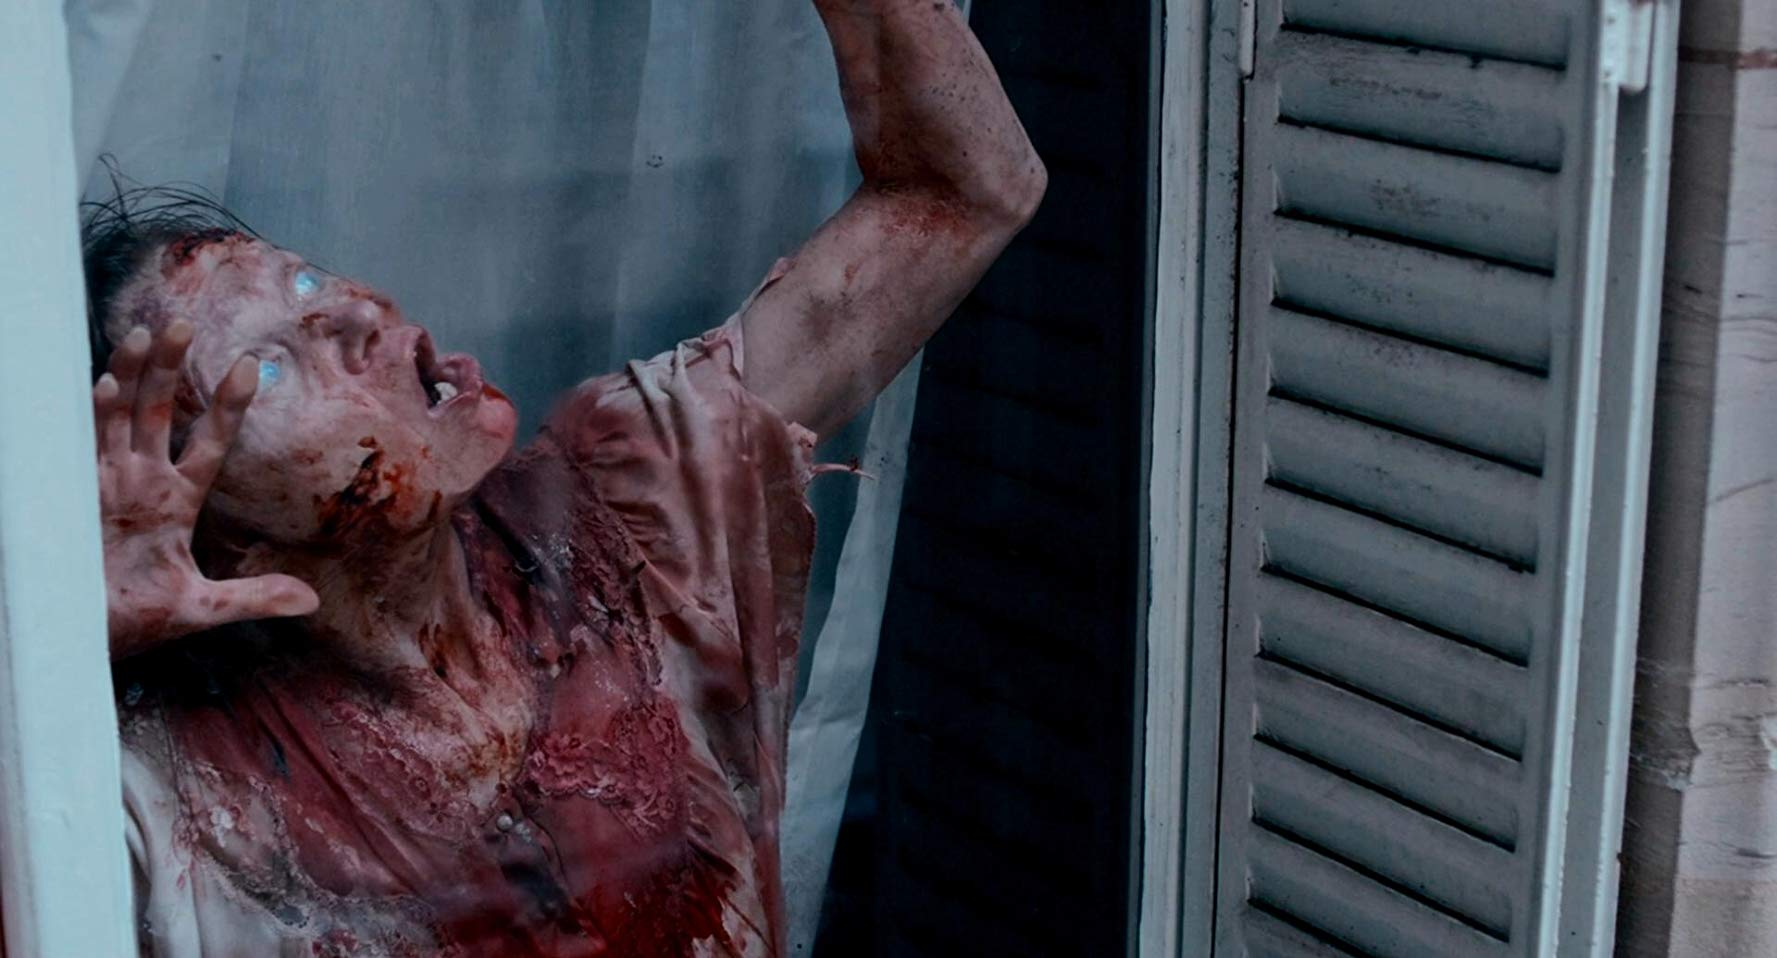 TFF36: La Nuit a Dévoré le Monde, uno zombie movie sui tetti di Parigi